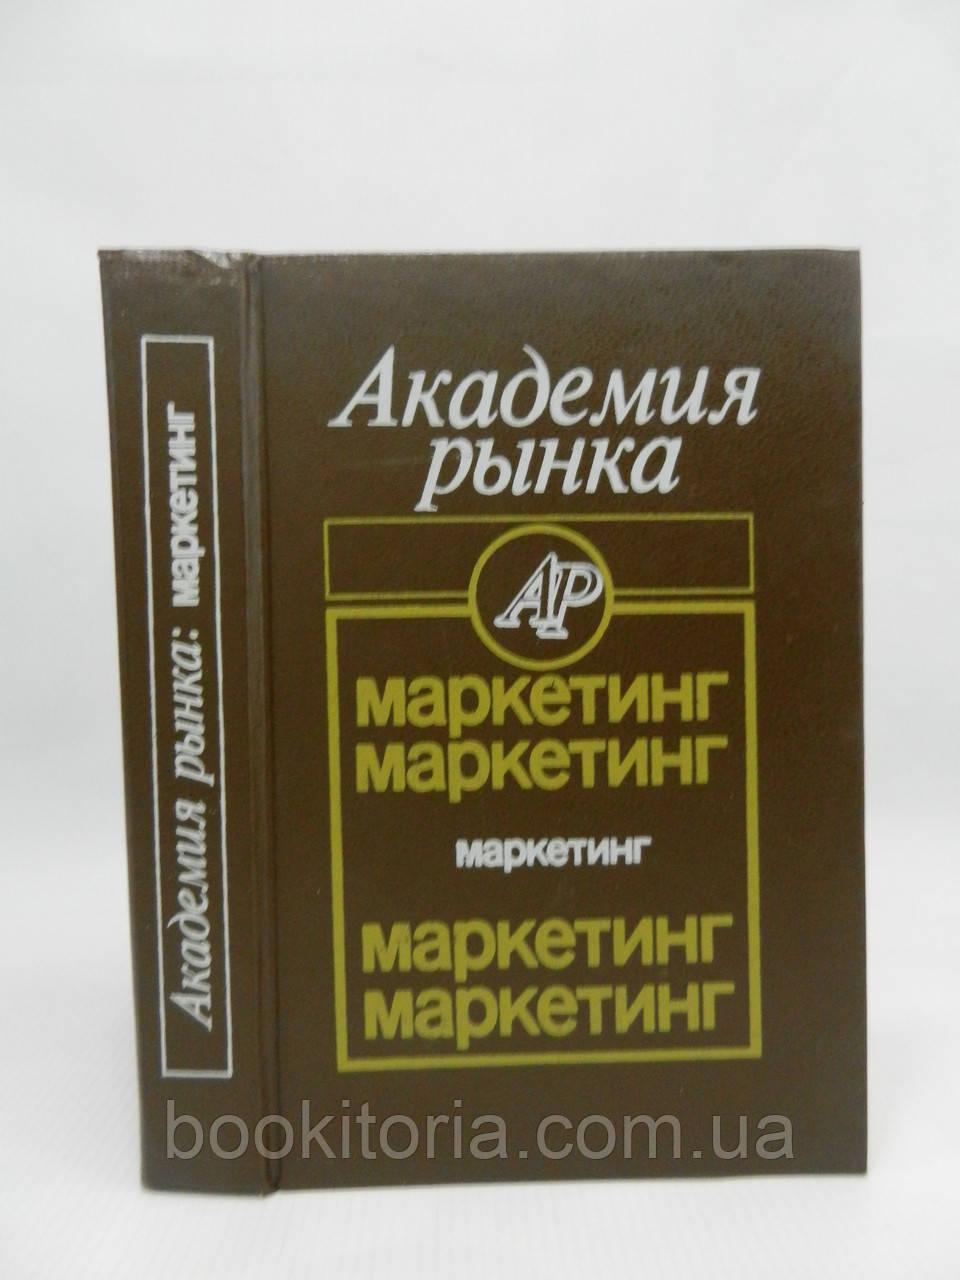 Дайан А. и др. Академия рынка: маркетинг (б/у).